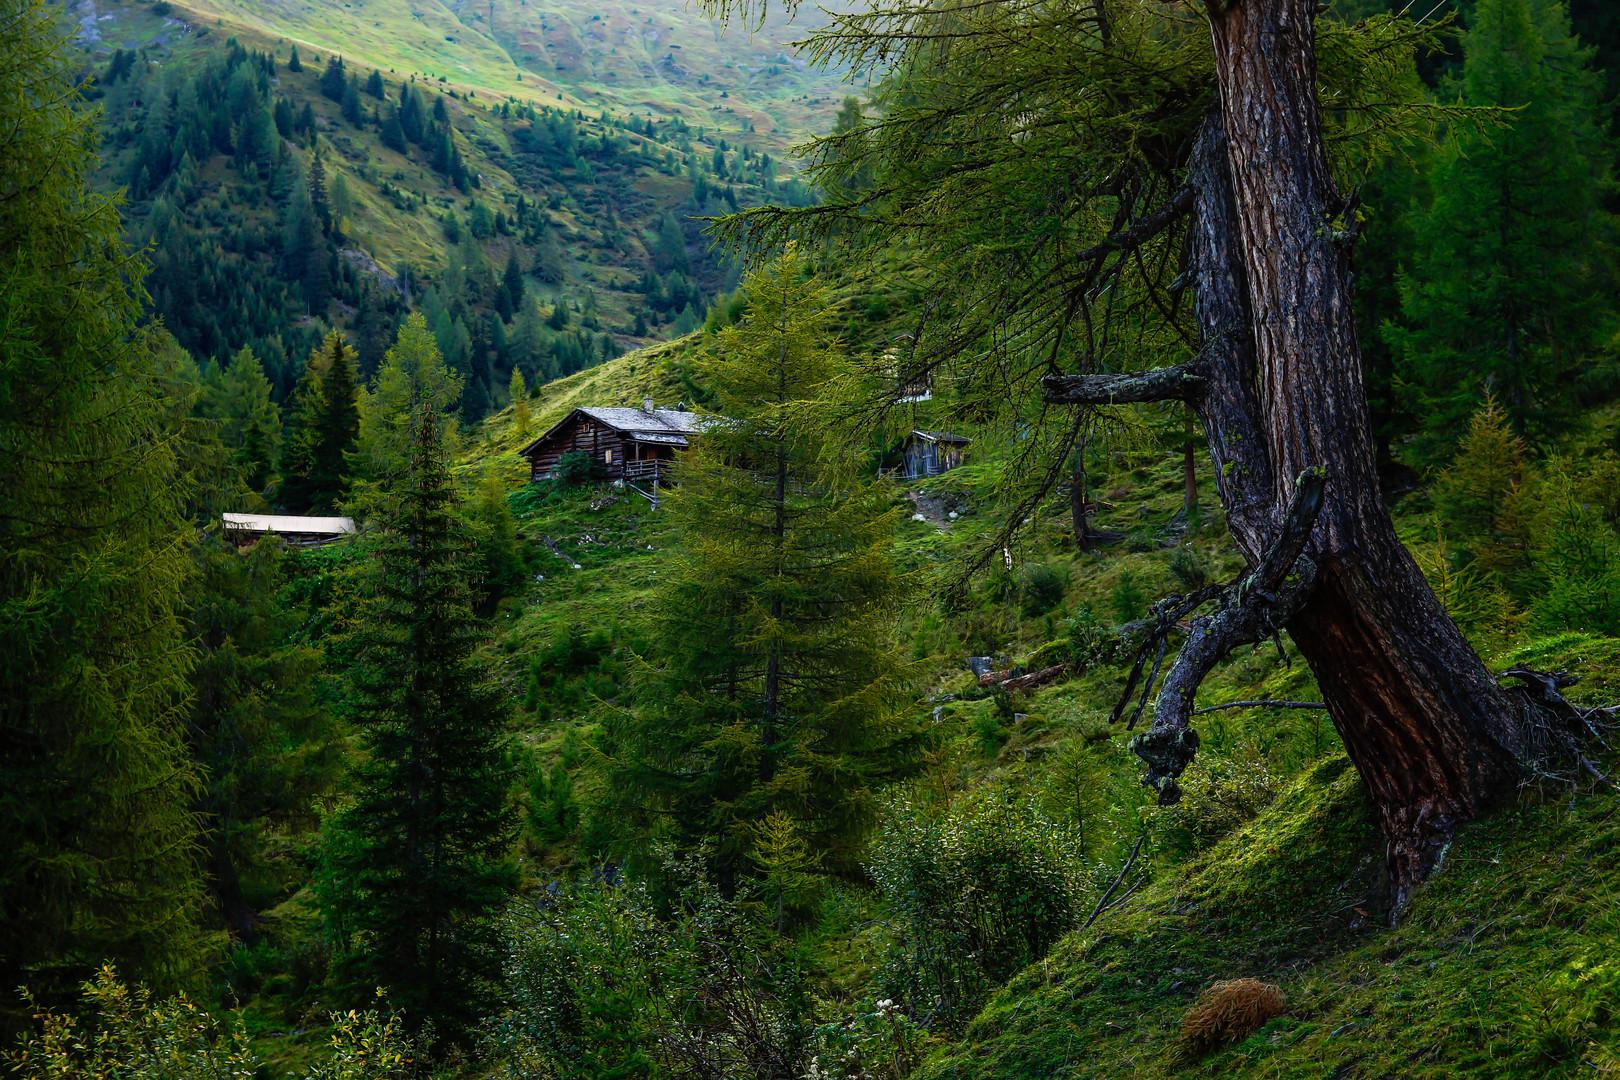 Die Hütte und der alte Baum, frühmorgens.